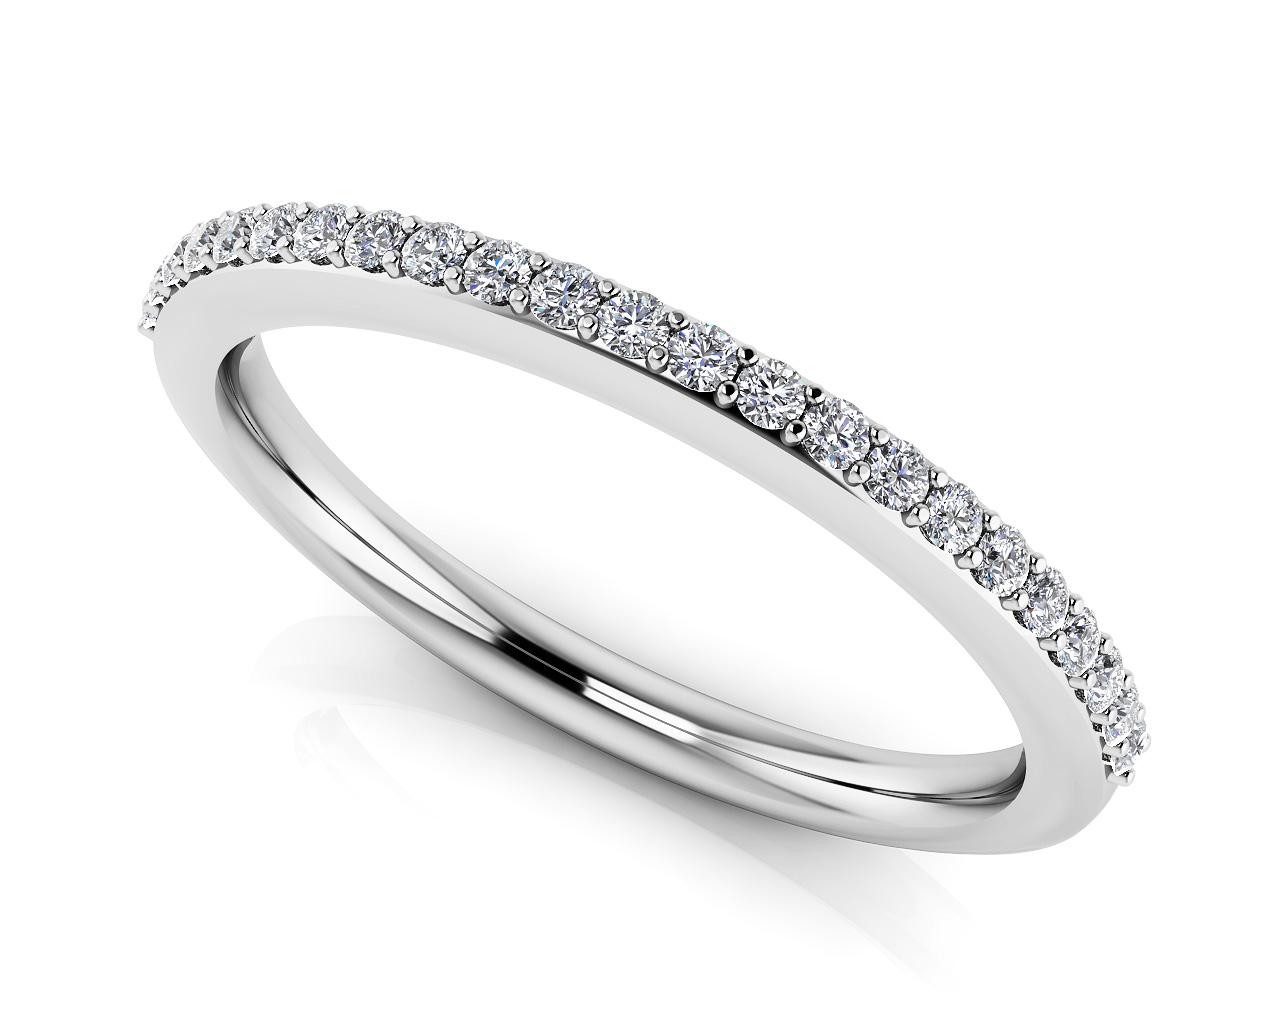 14k White Gold Woman's Diamond 1/4ct TW Wedding Band